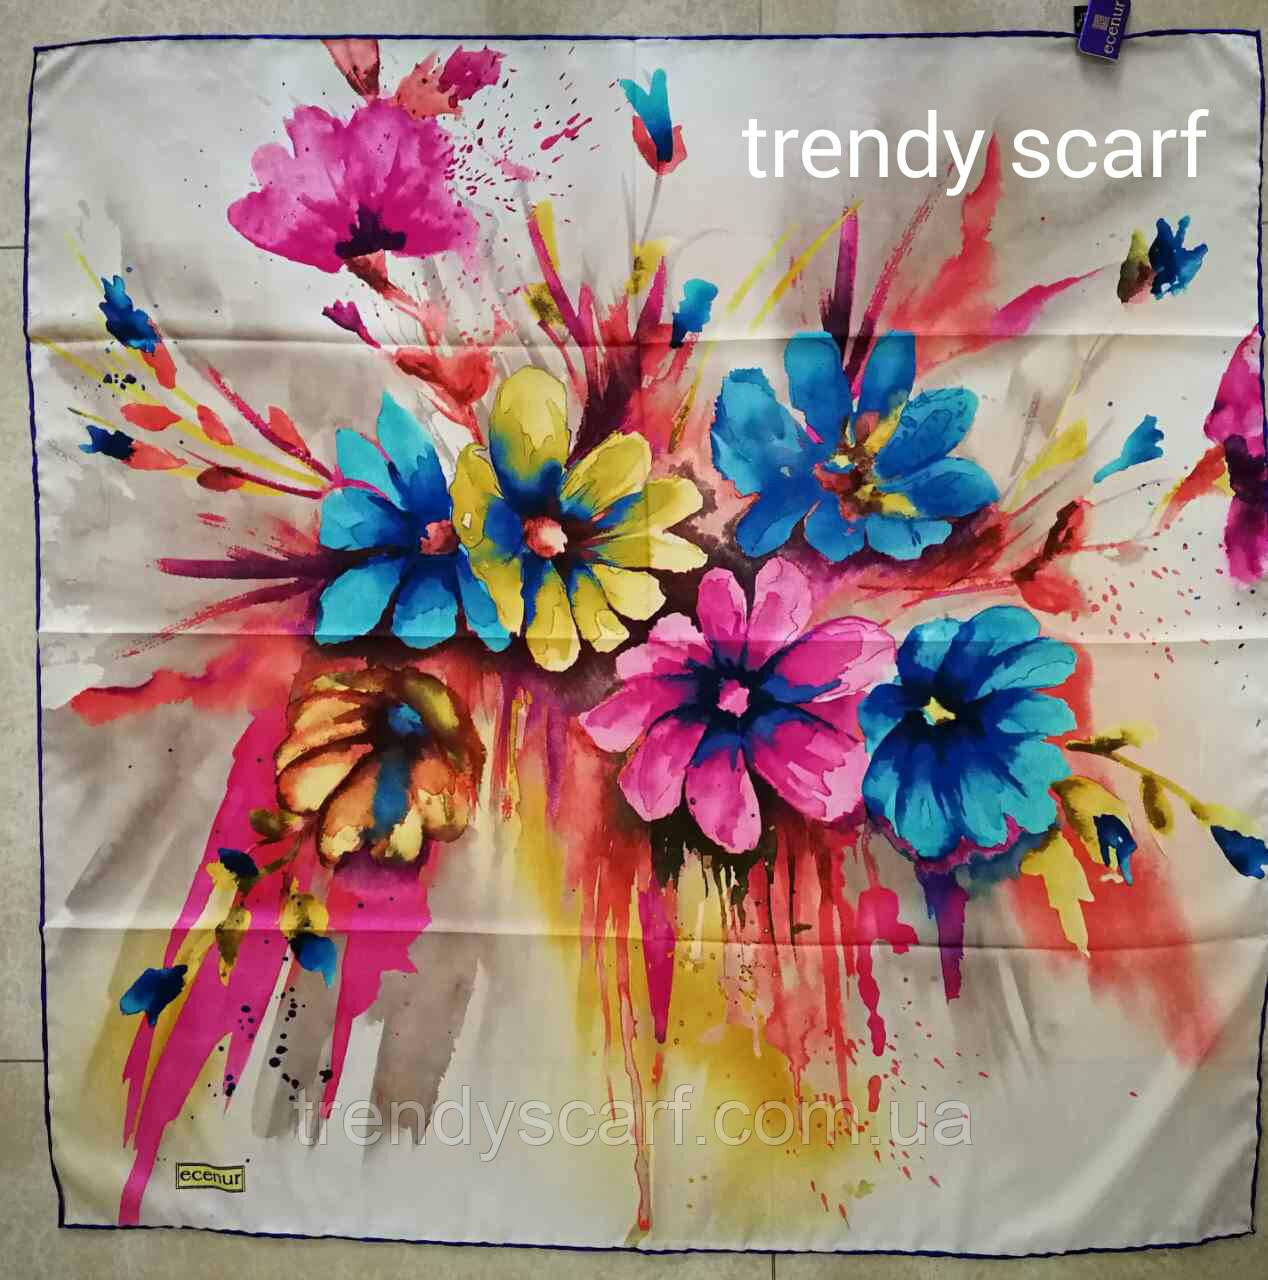 Тонкий легкий женский платок с цветами Белый бежевый, розовый, синий, желтый, оранжевый, зеленый. 90/90 см